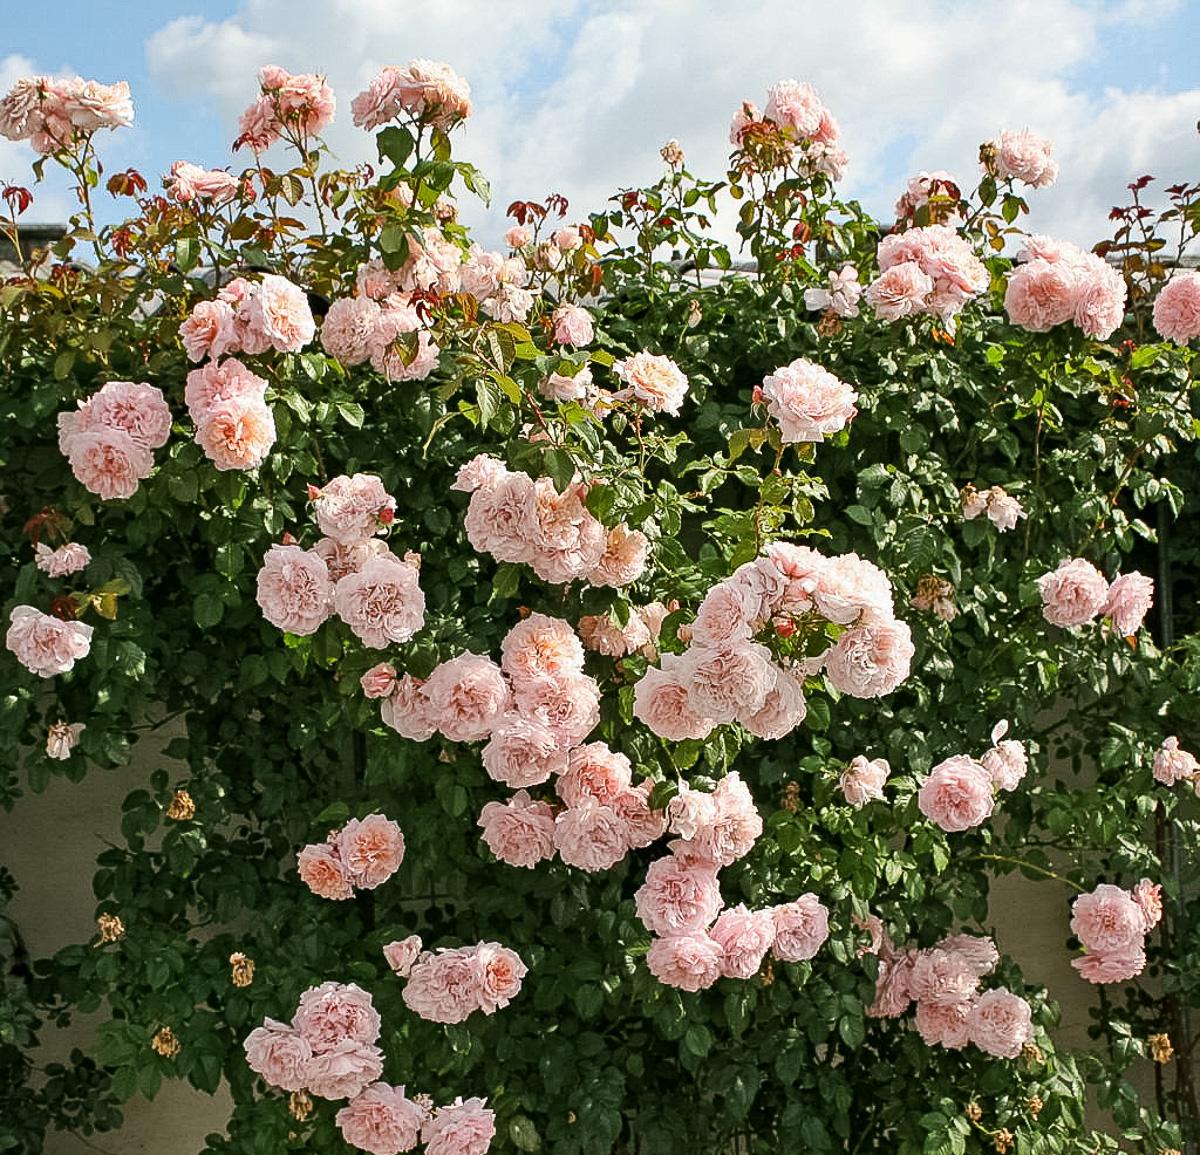 роза де толбиак от кордеса фото диалог